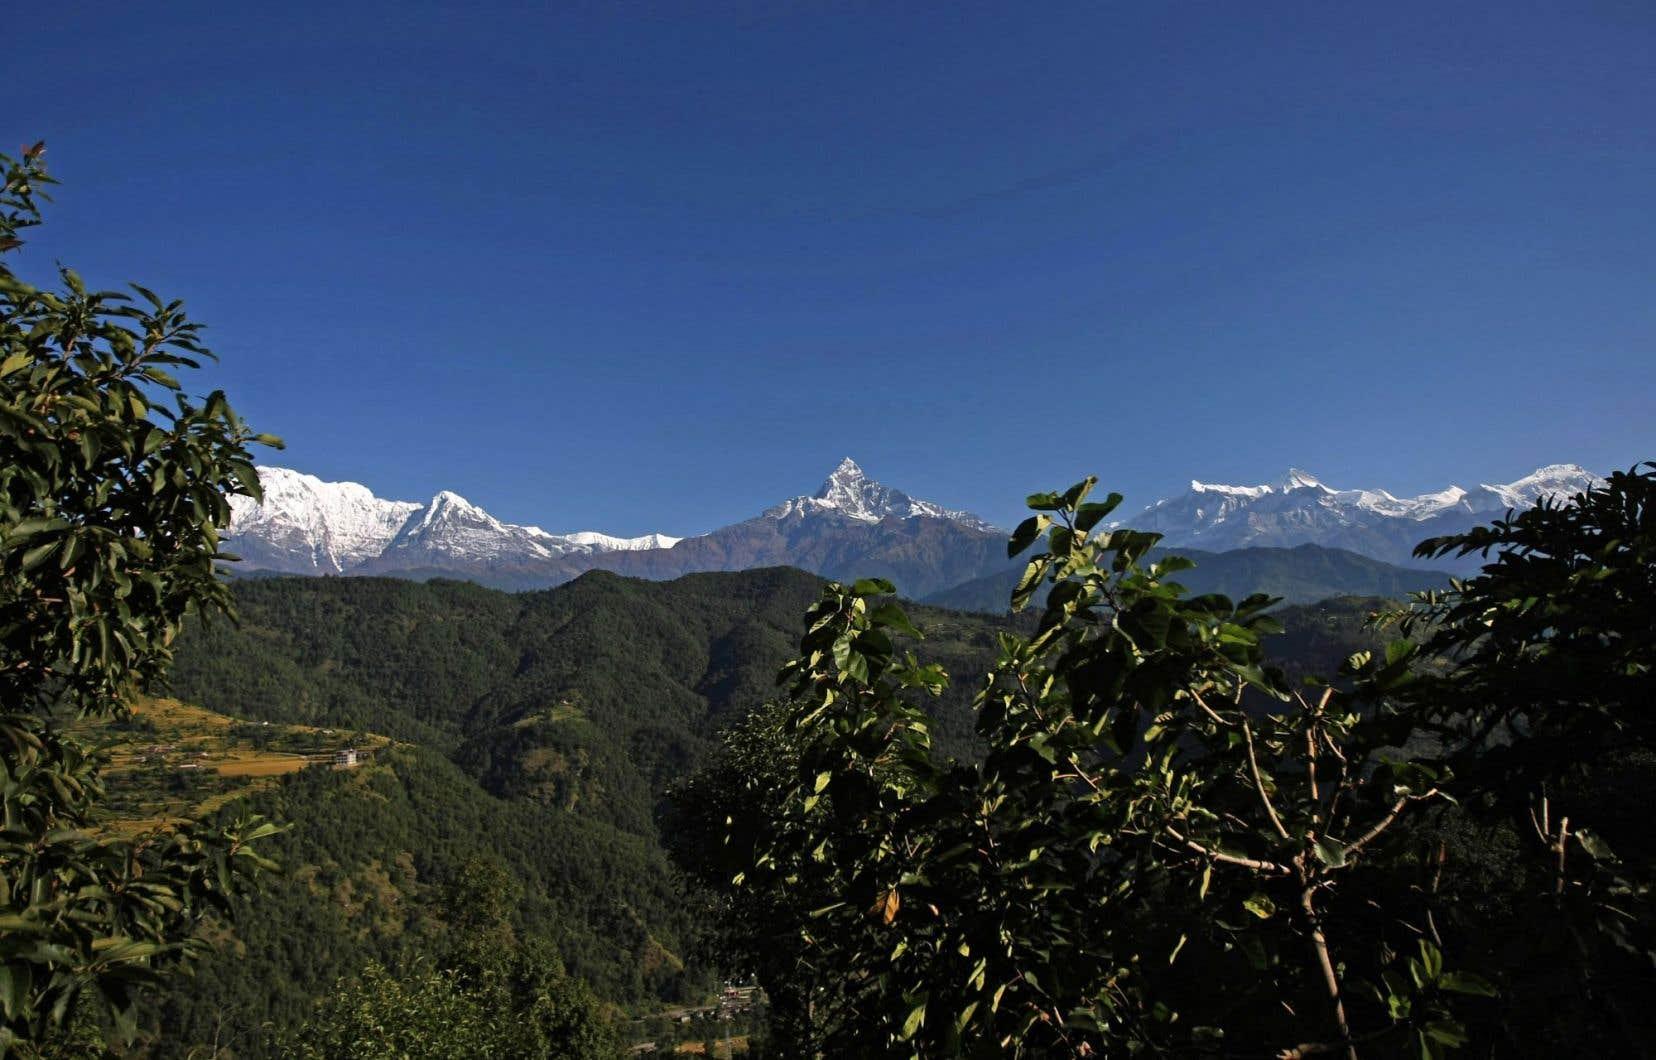 La région de l'Himalaya, au Népal, est un lieu naturel à visiter dans tous ses recoins.